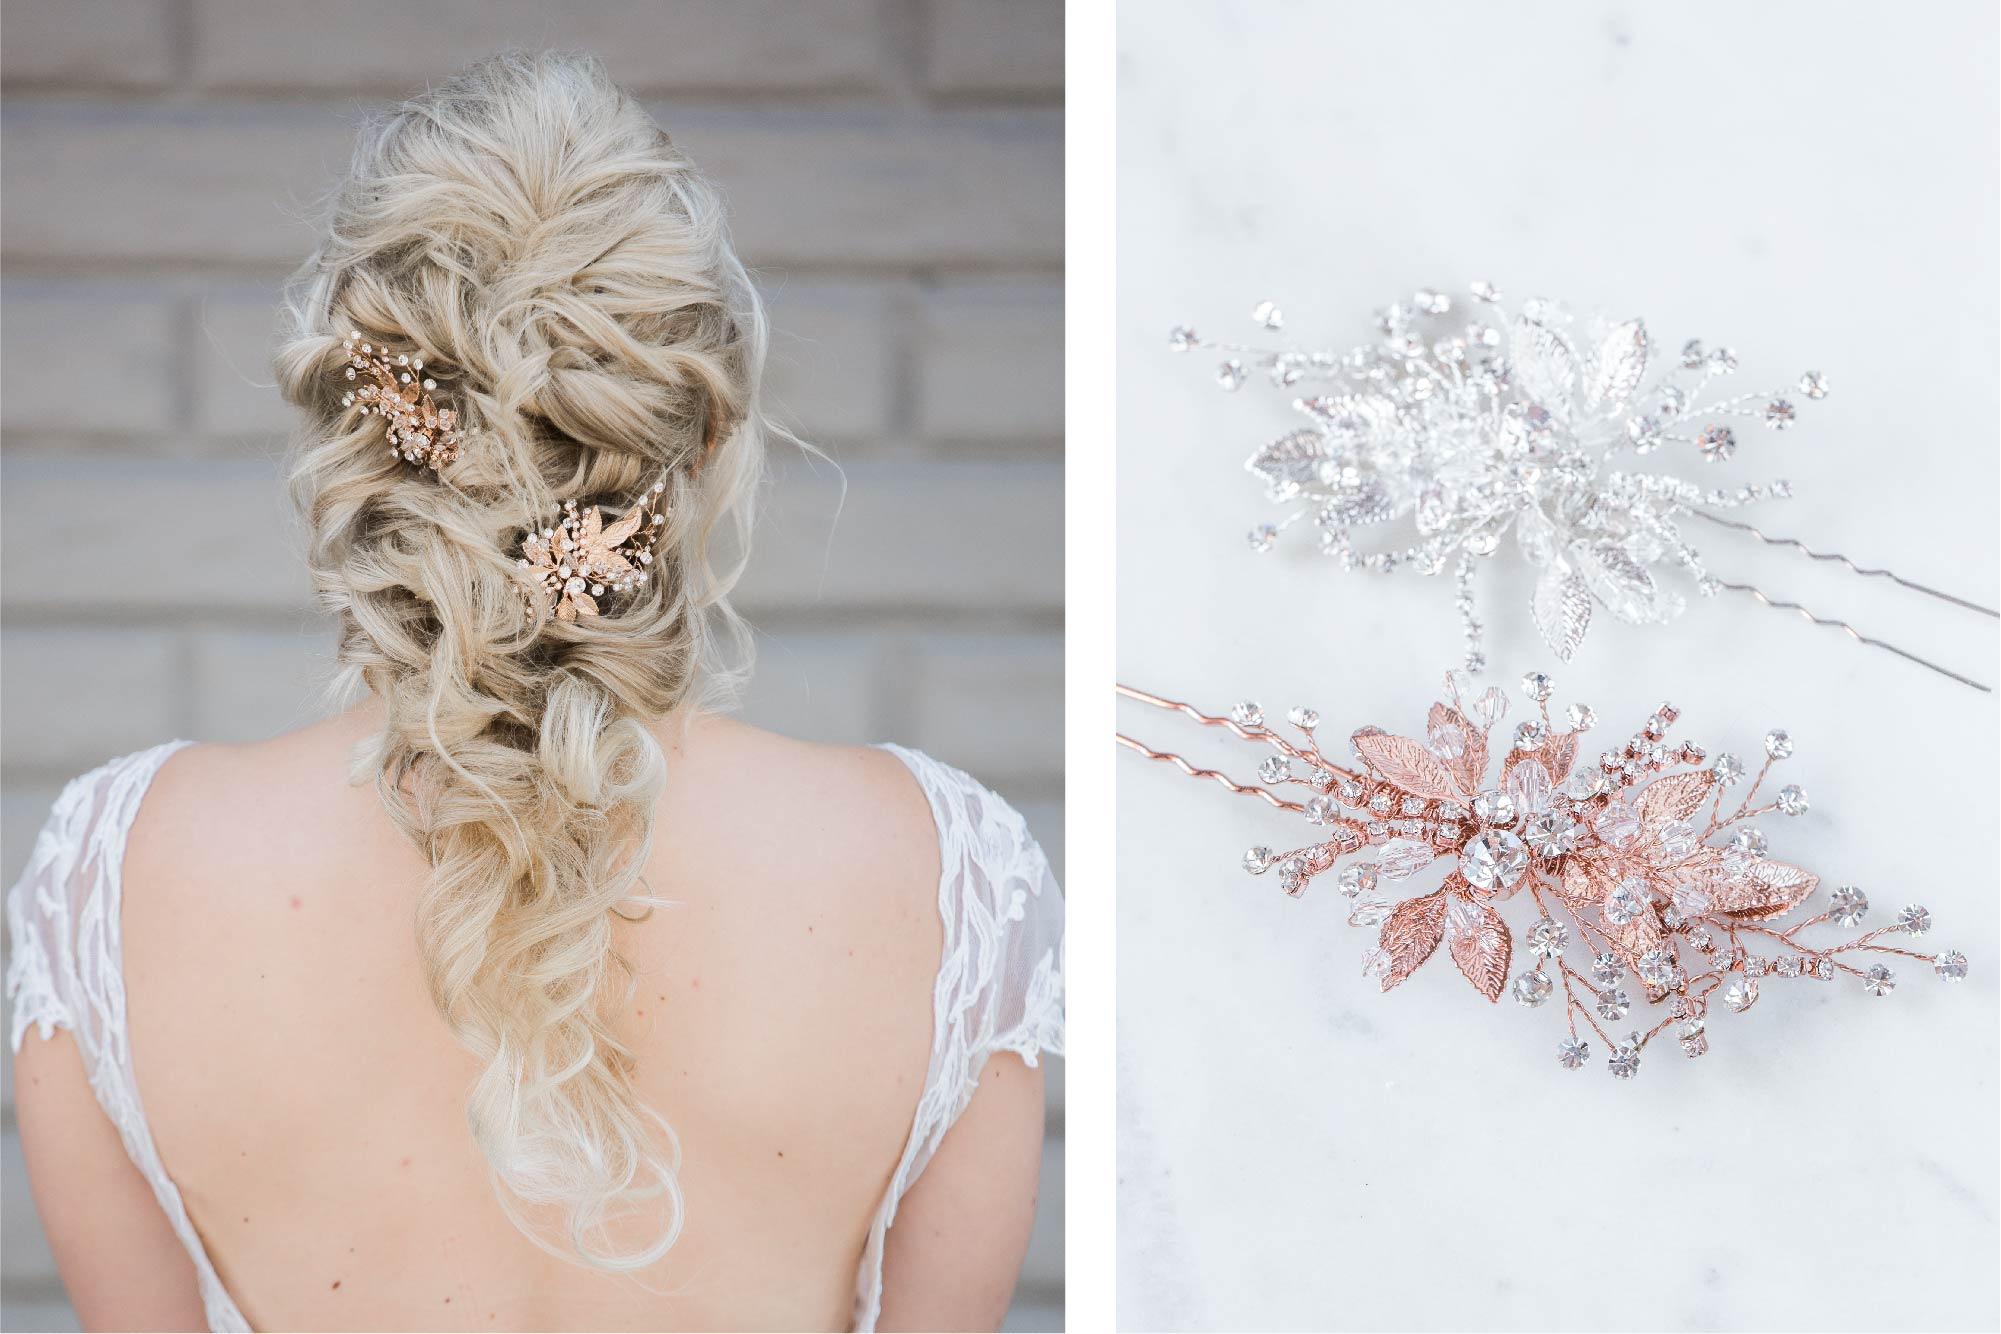 design-visage-bride-hairpieces.jpg